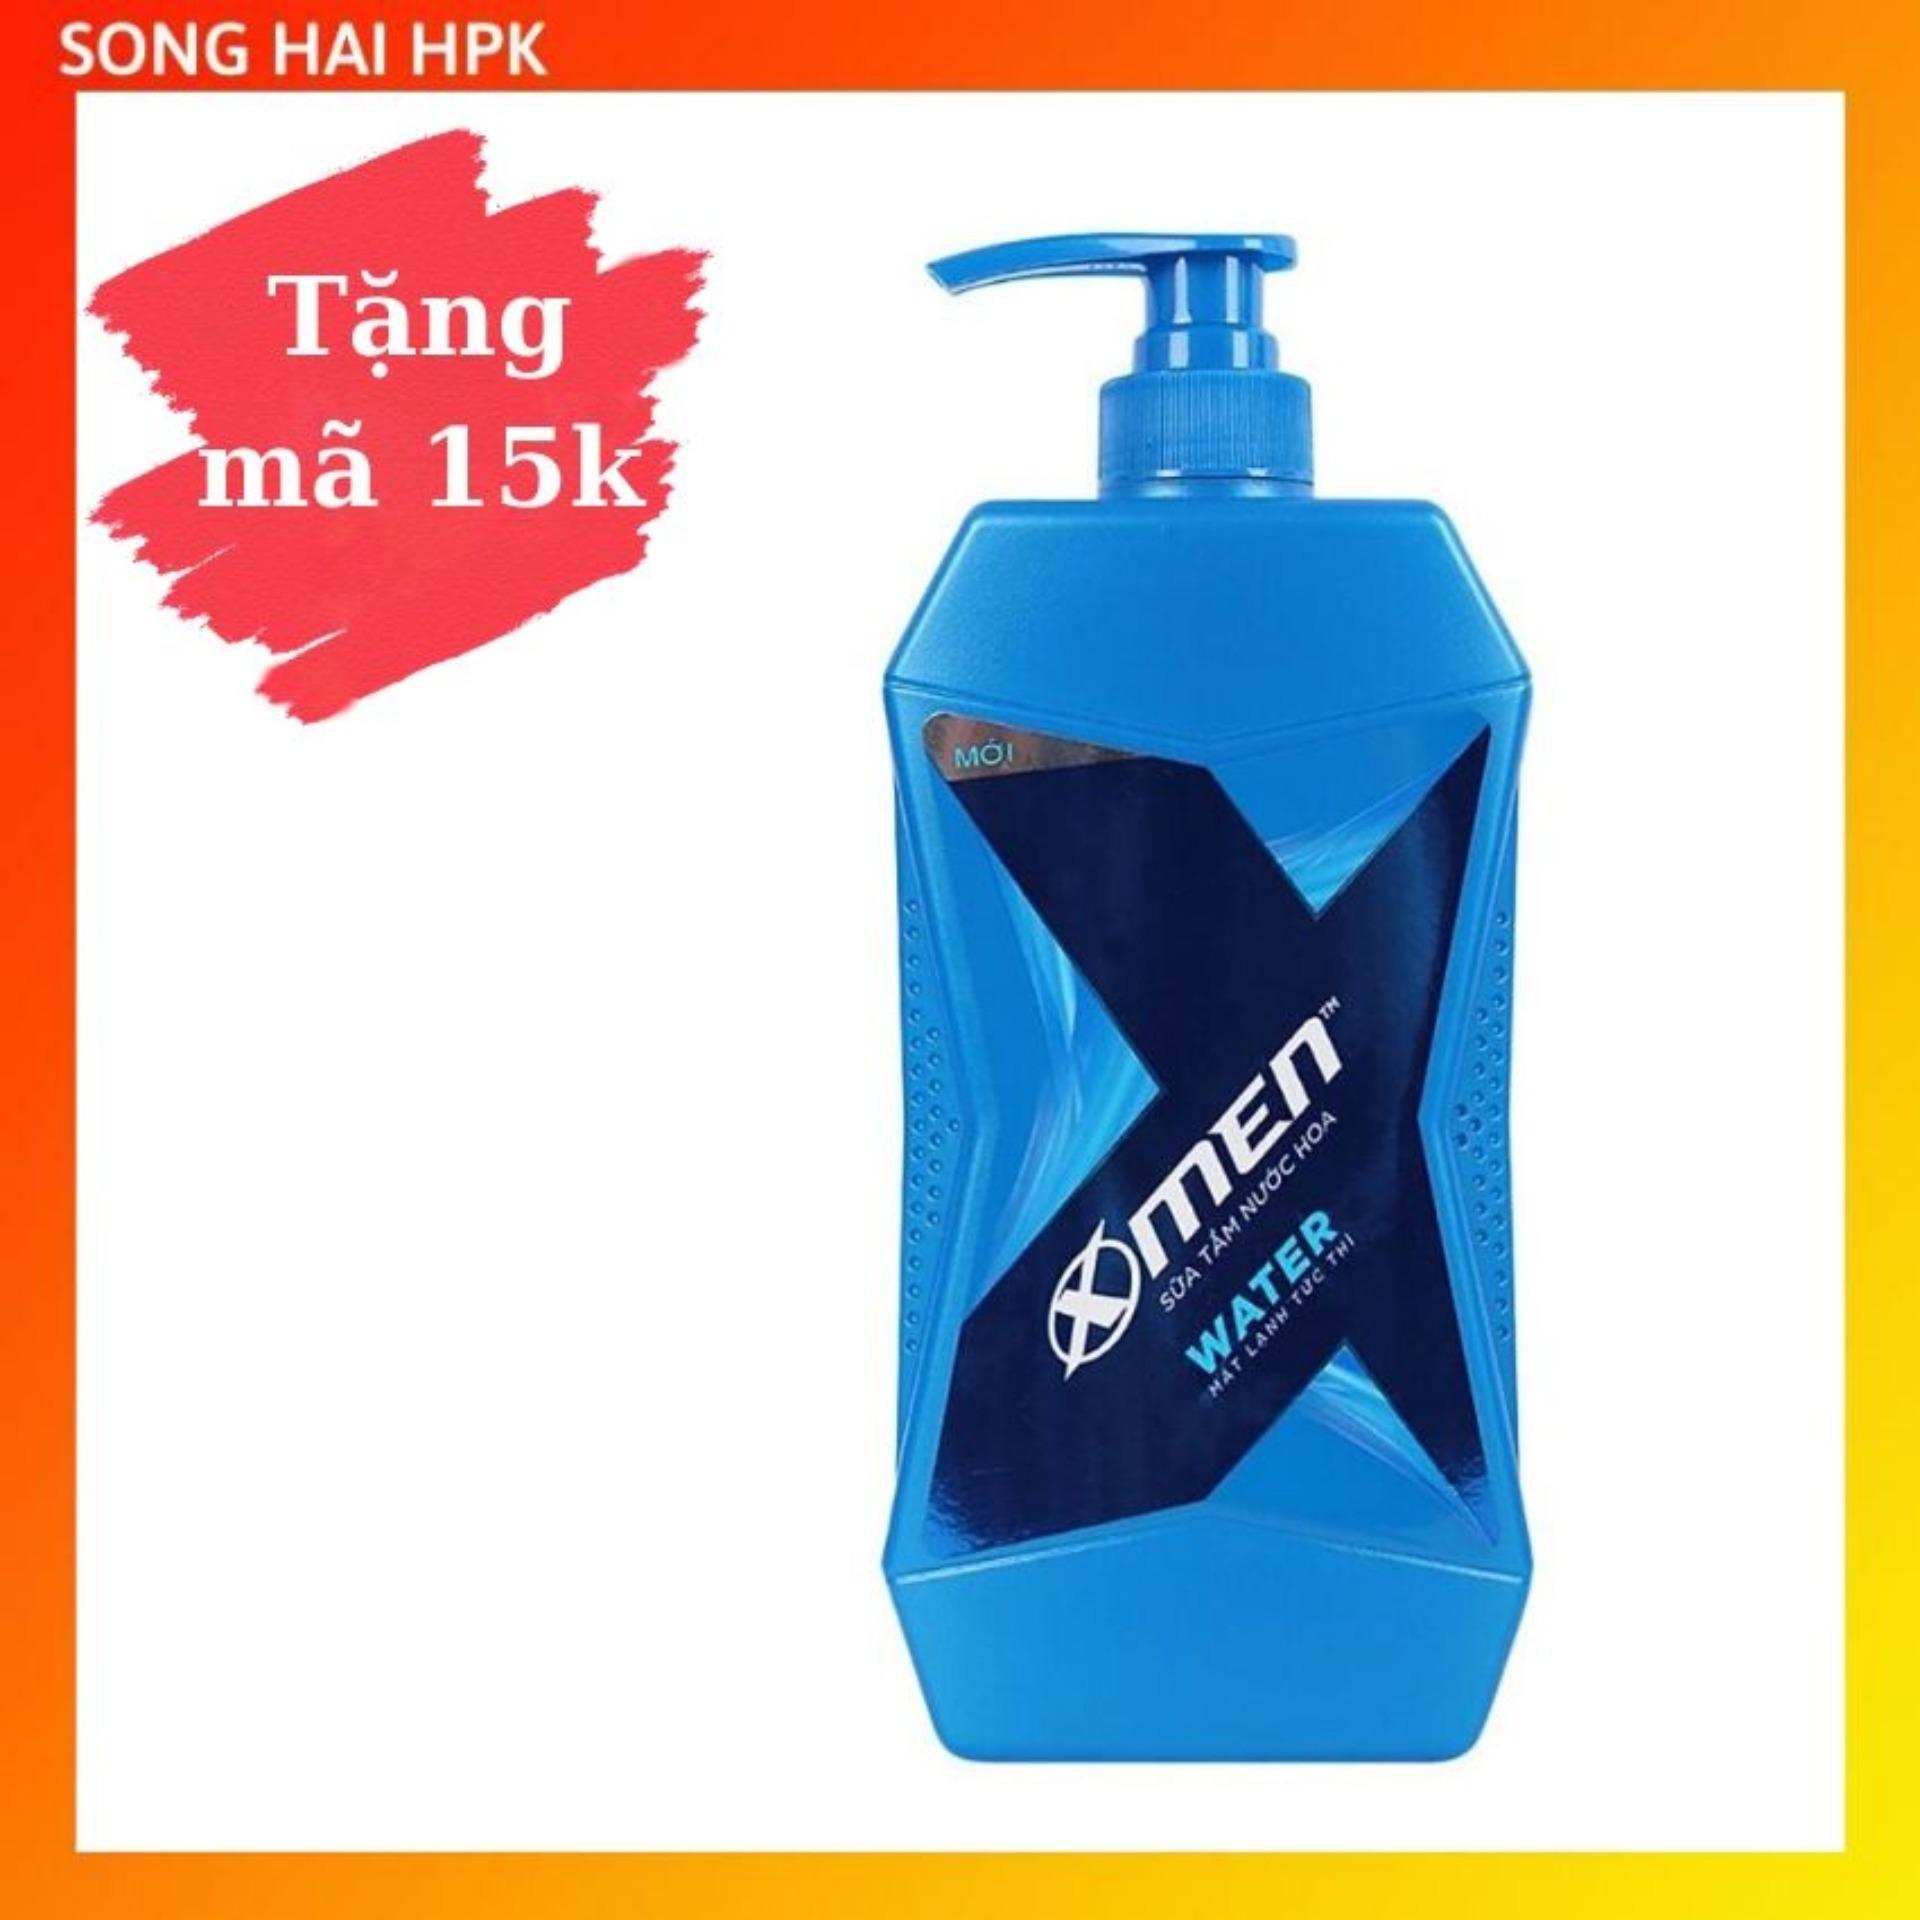 Sữa tắm nước hoa X-Men Water - Hương thơm Aqua mát lạnh 650g Songhaihpk nhập khẩu